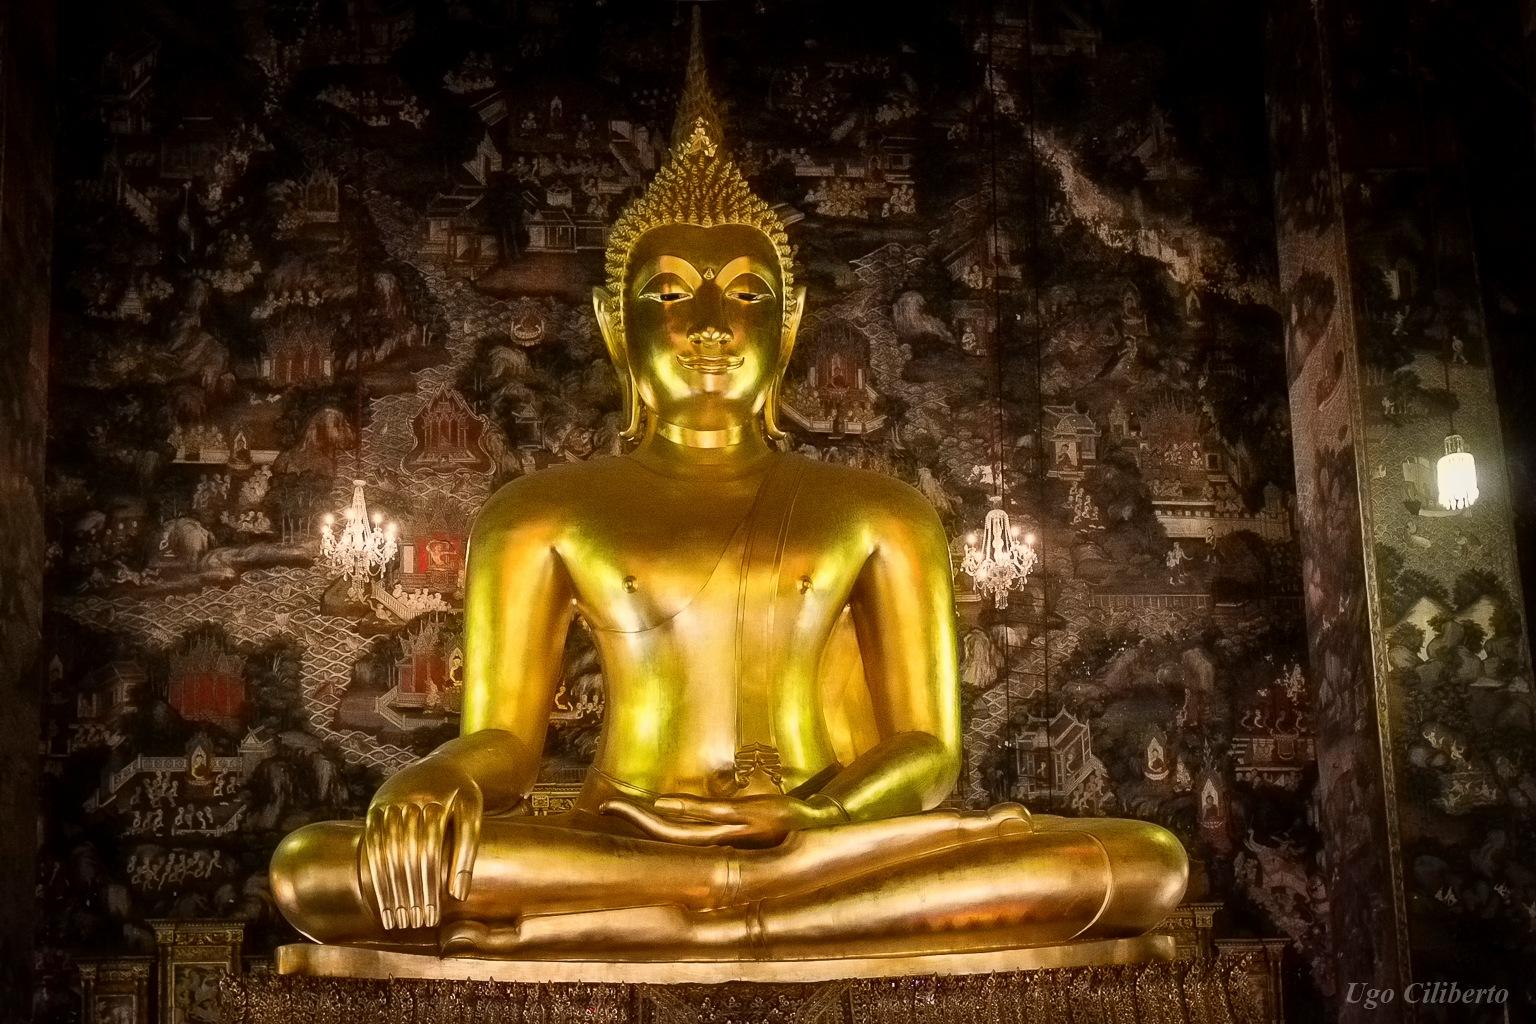 Bangkok - Buddha d'oro by ugo